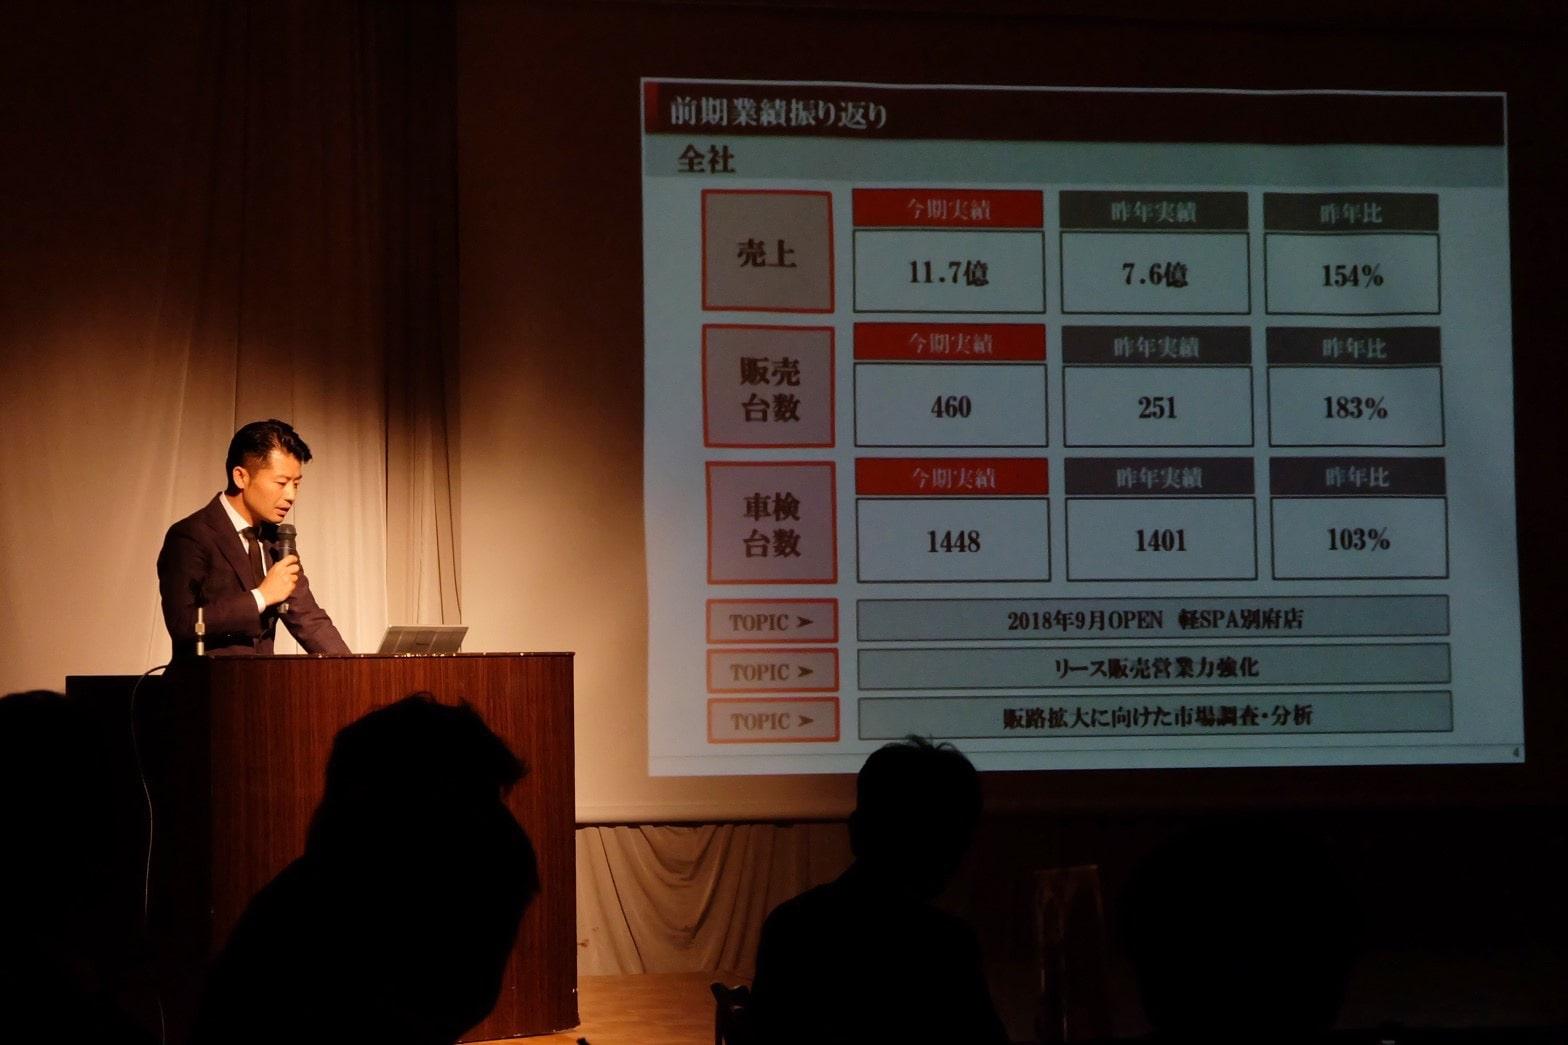 小野自動車工場、第一回社員総会の模様1